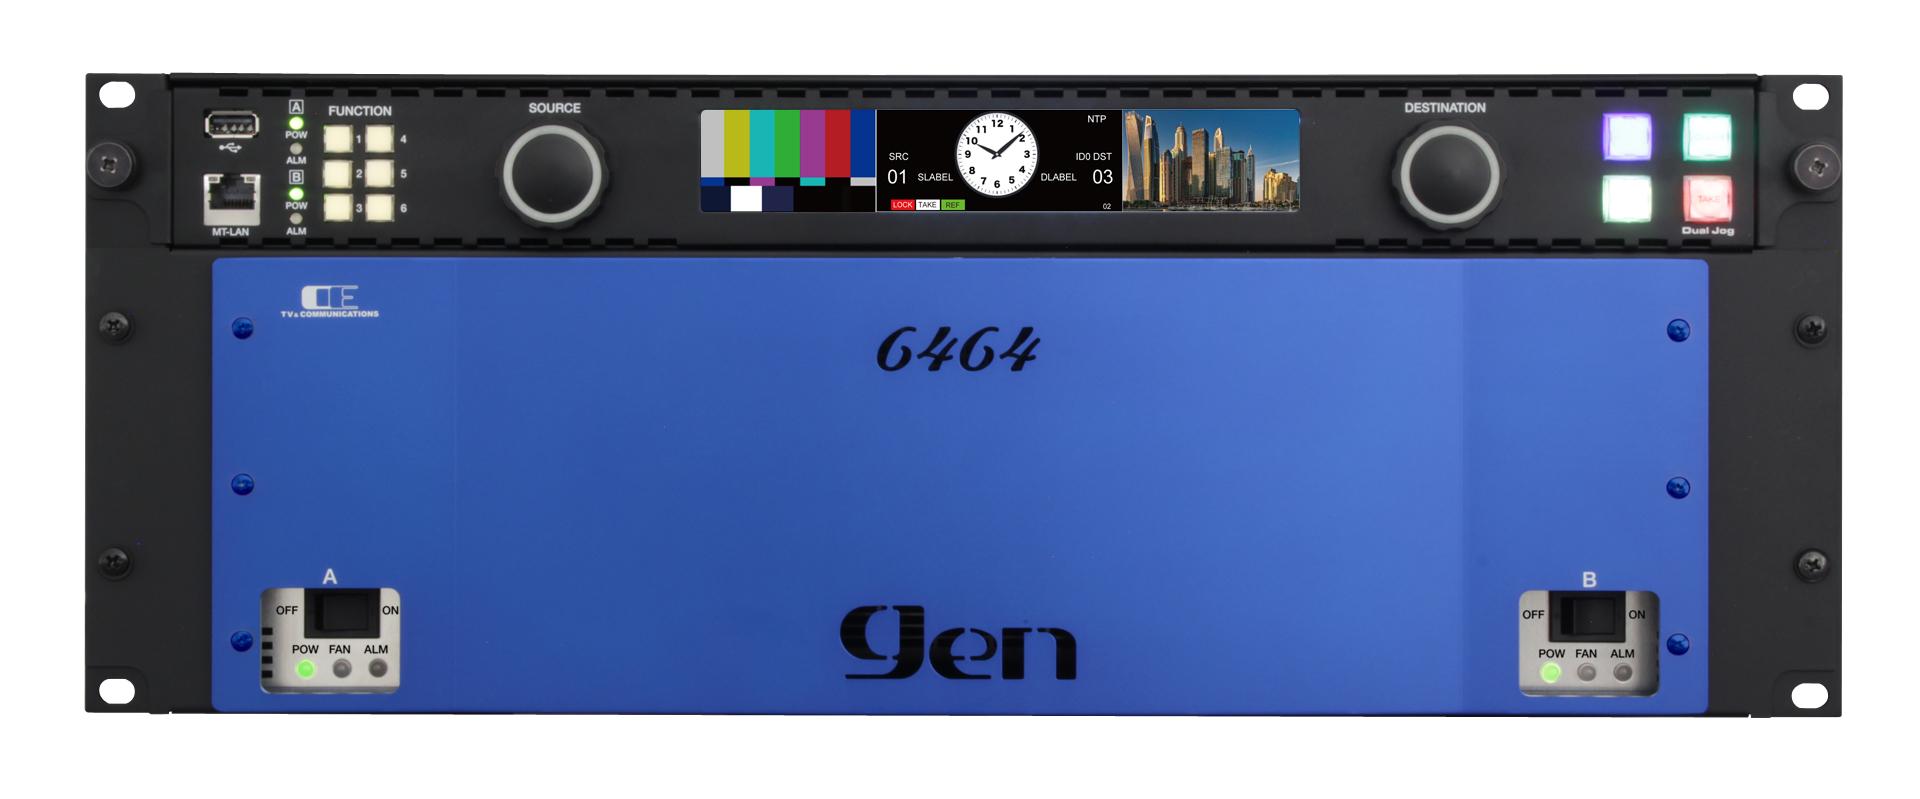 gen6464-CP_front202101